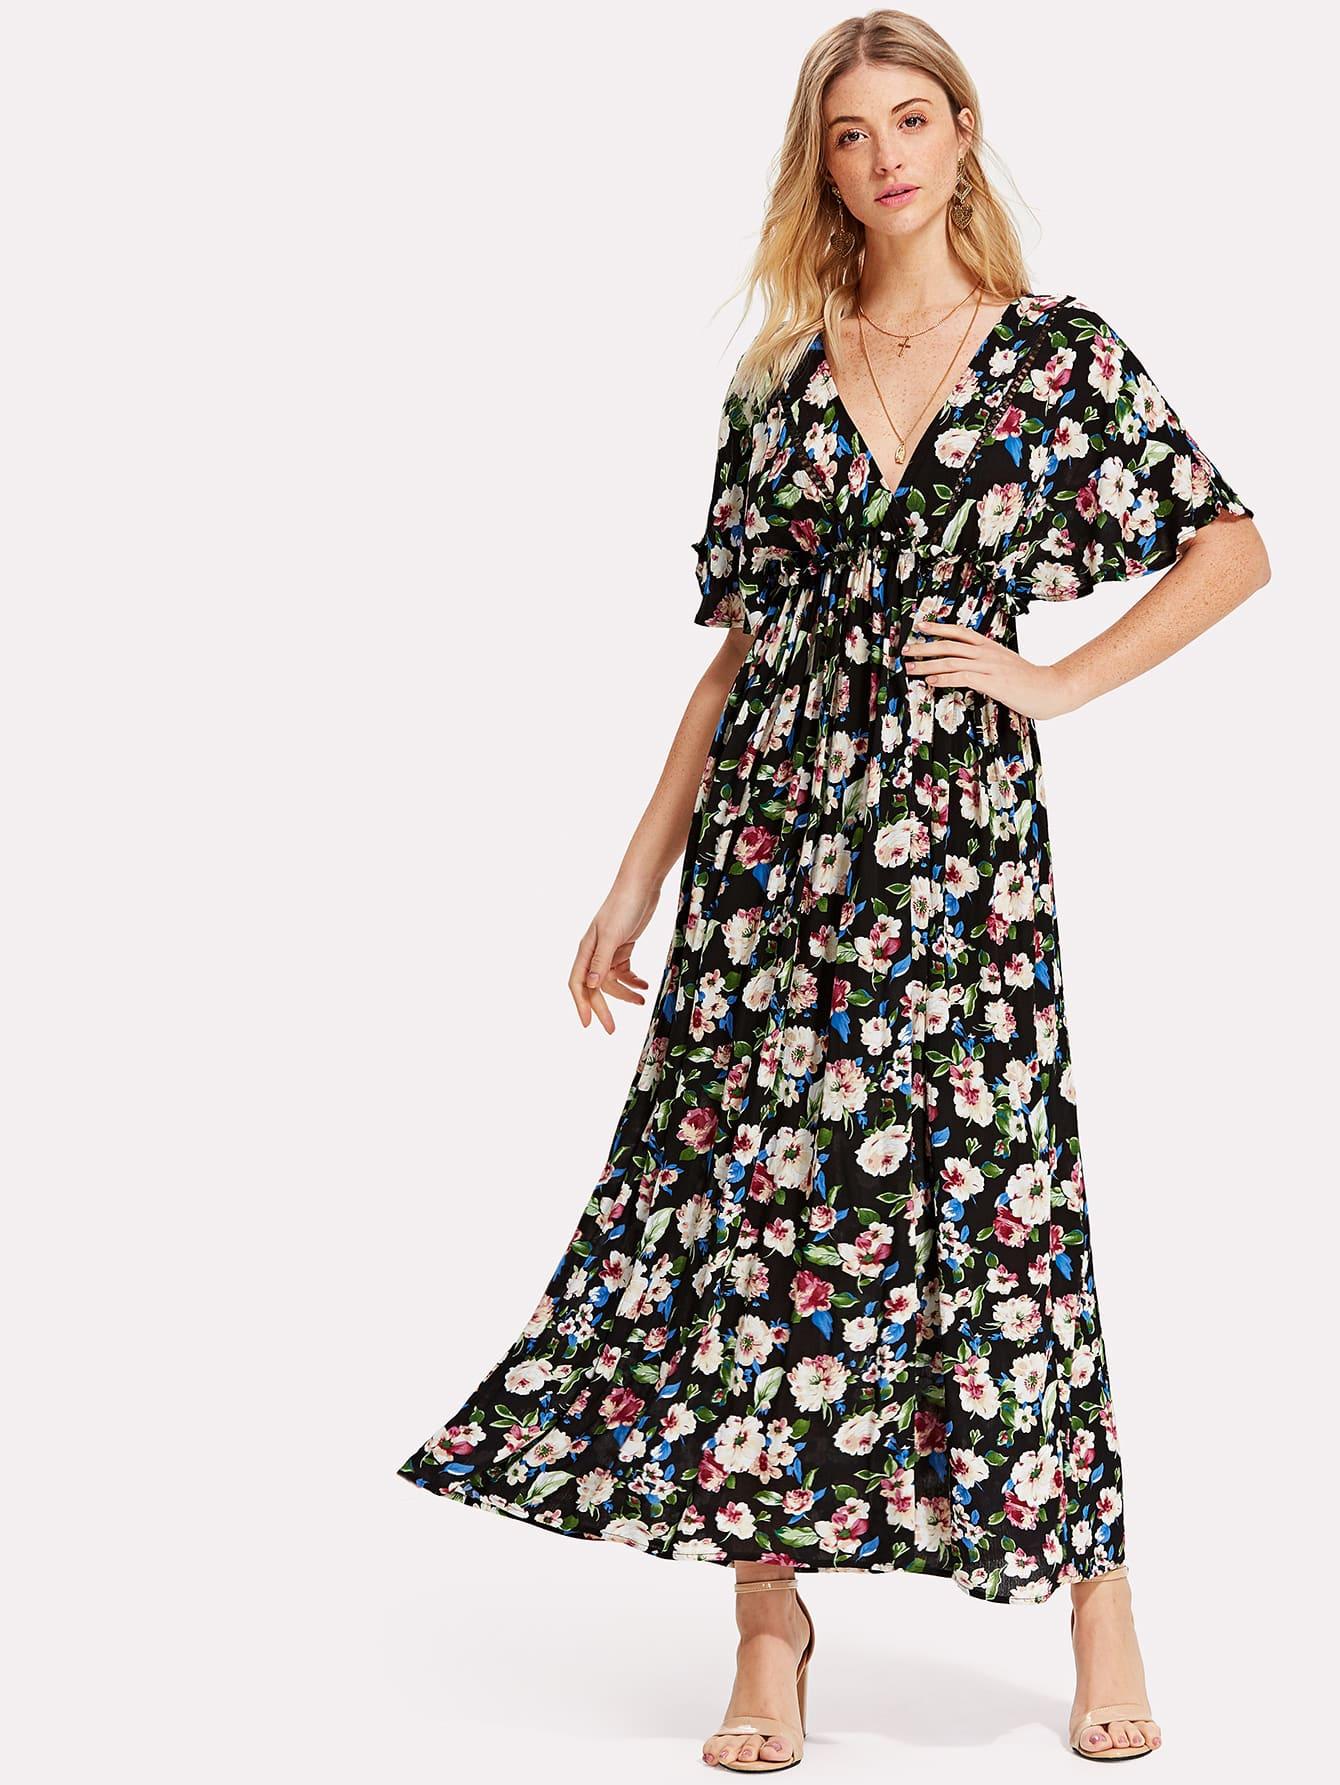 Flower Print Lace Insert Kimono Dress mixed print lace insert longline kimono